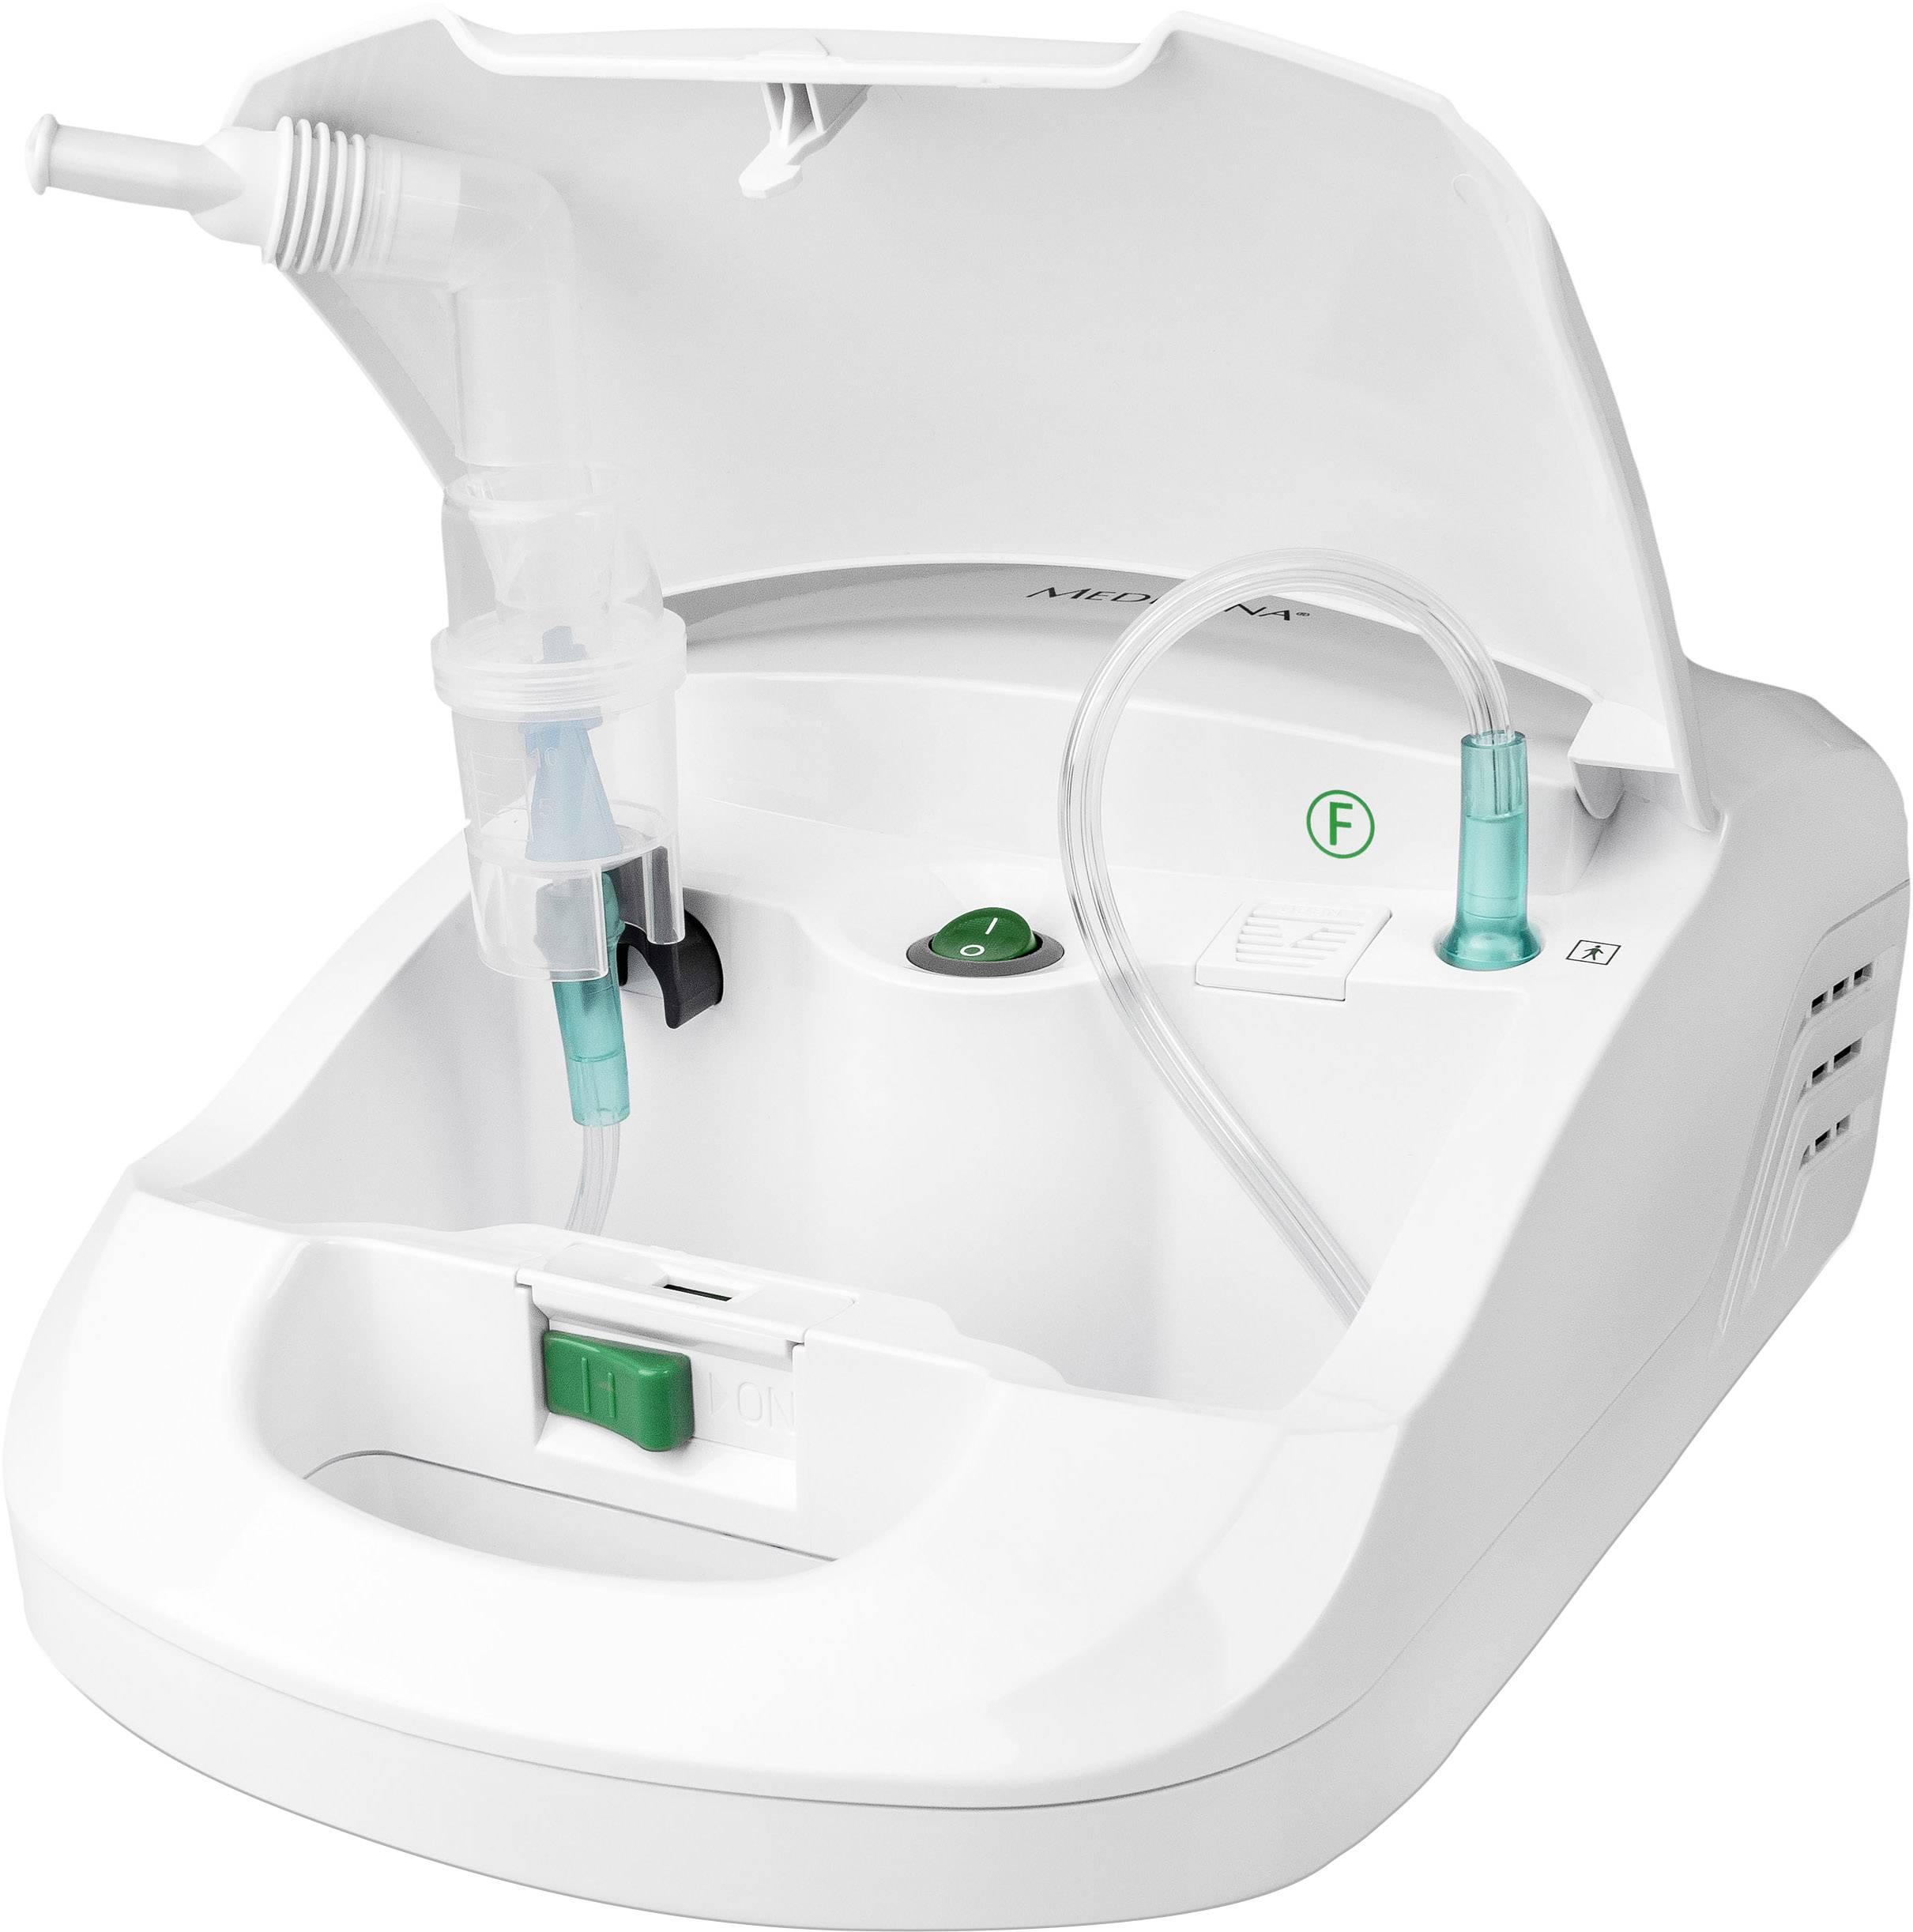 Inhalátor Medisana IN 550 Pro s dýchacou maskou, s náustkom